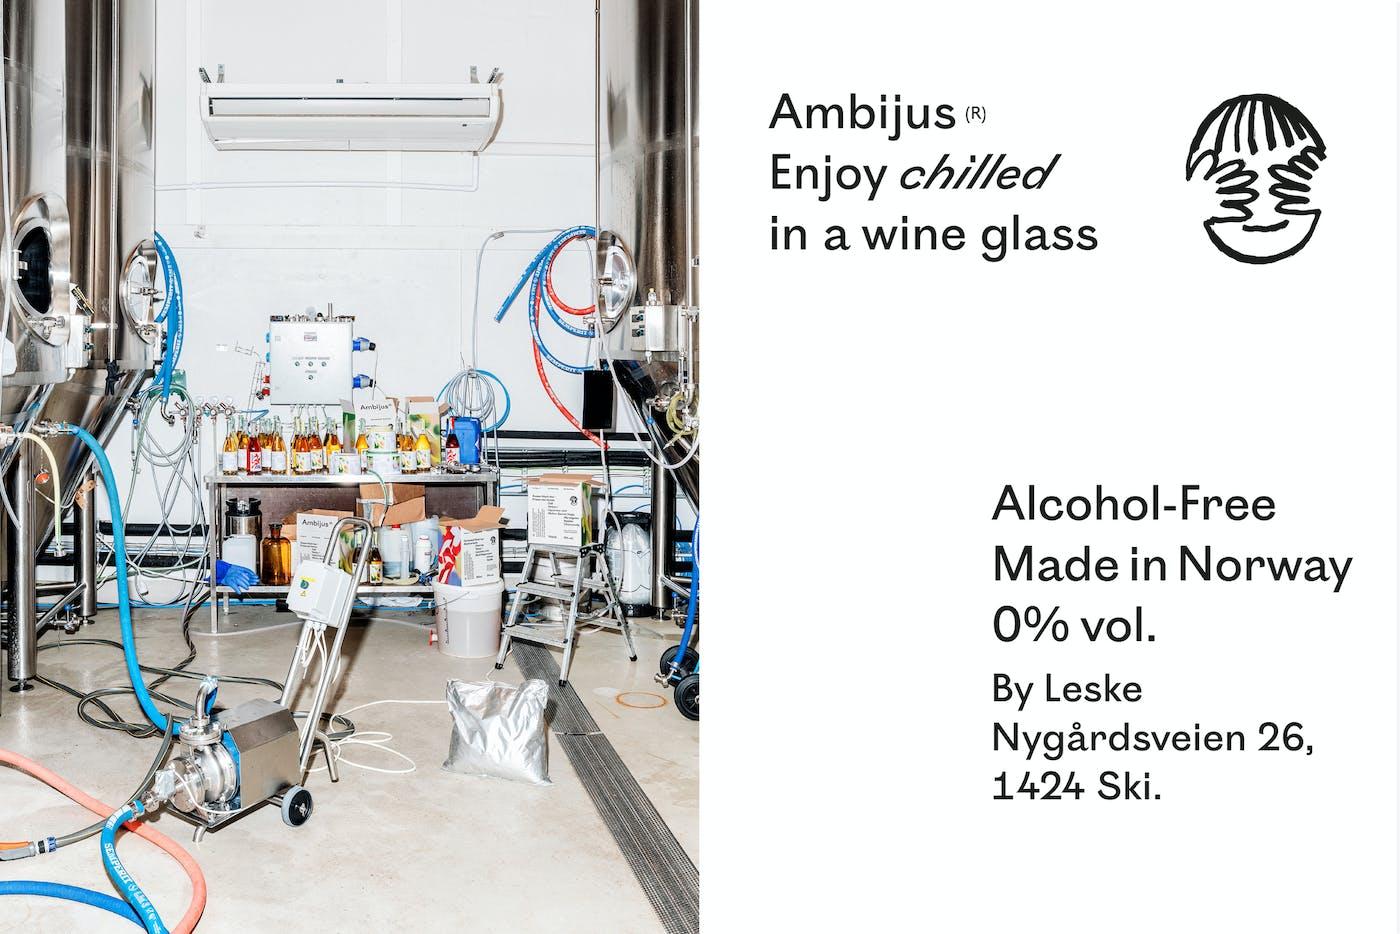 AMBIJUS VISUELT9